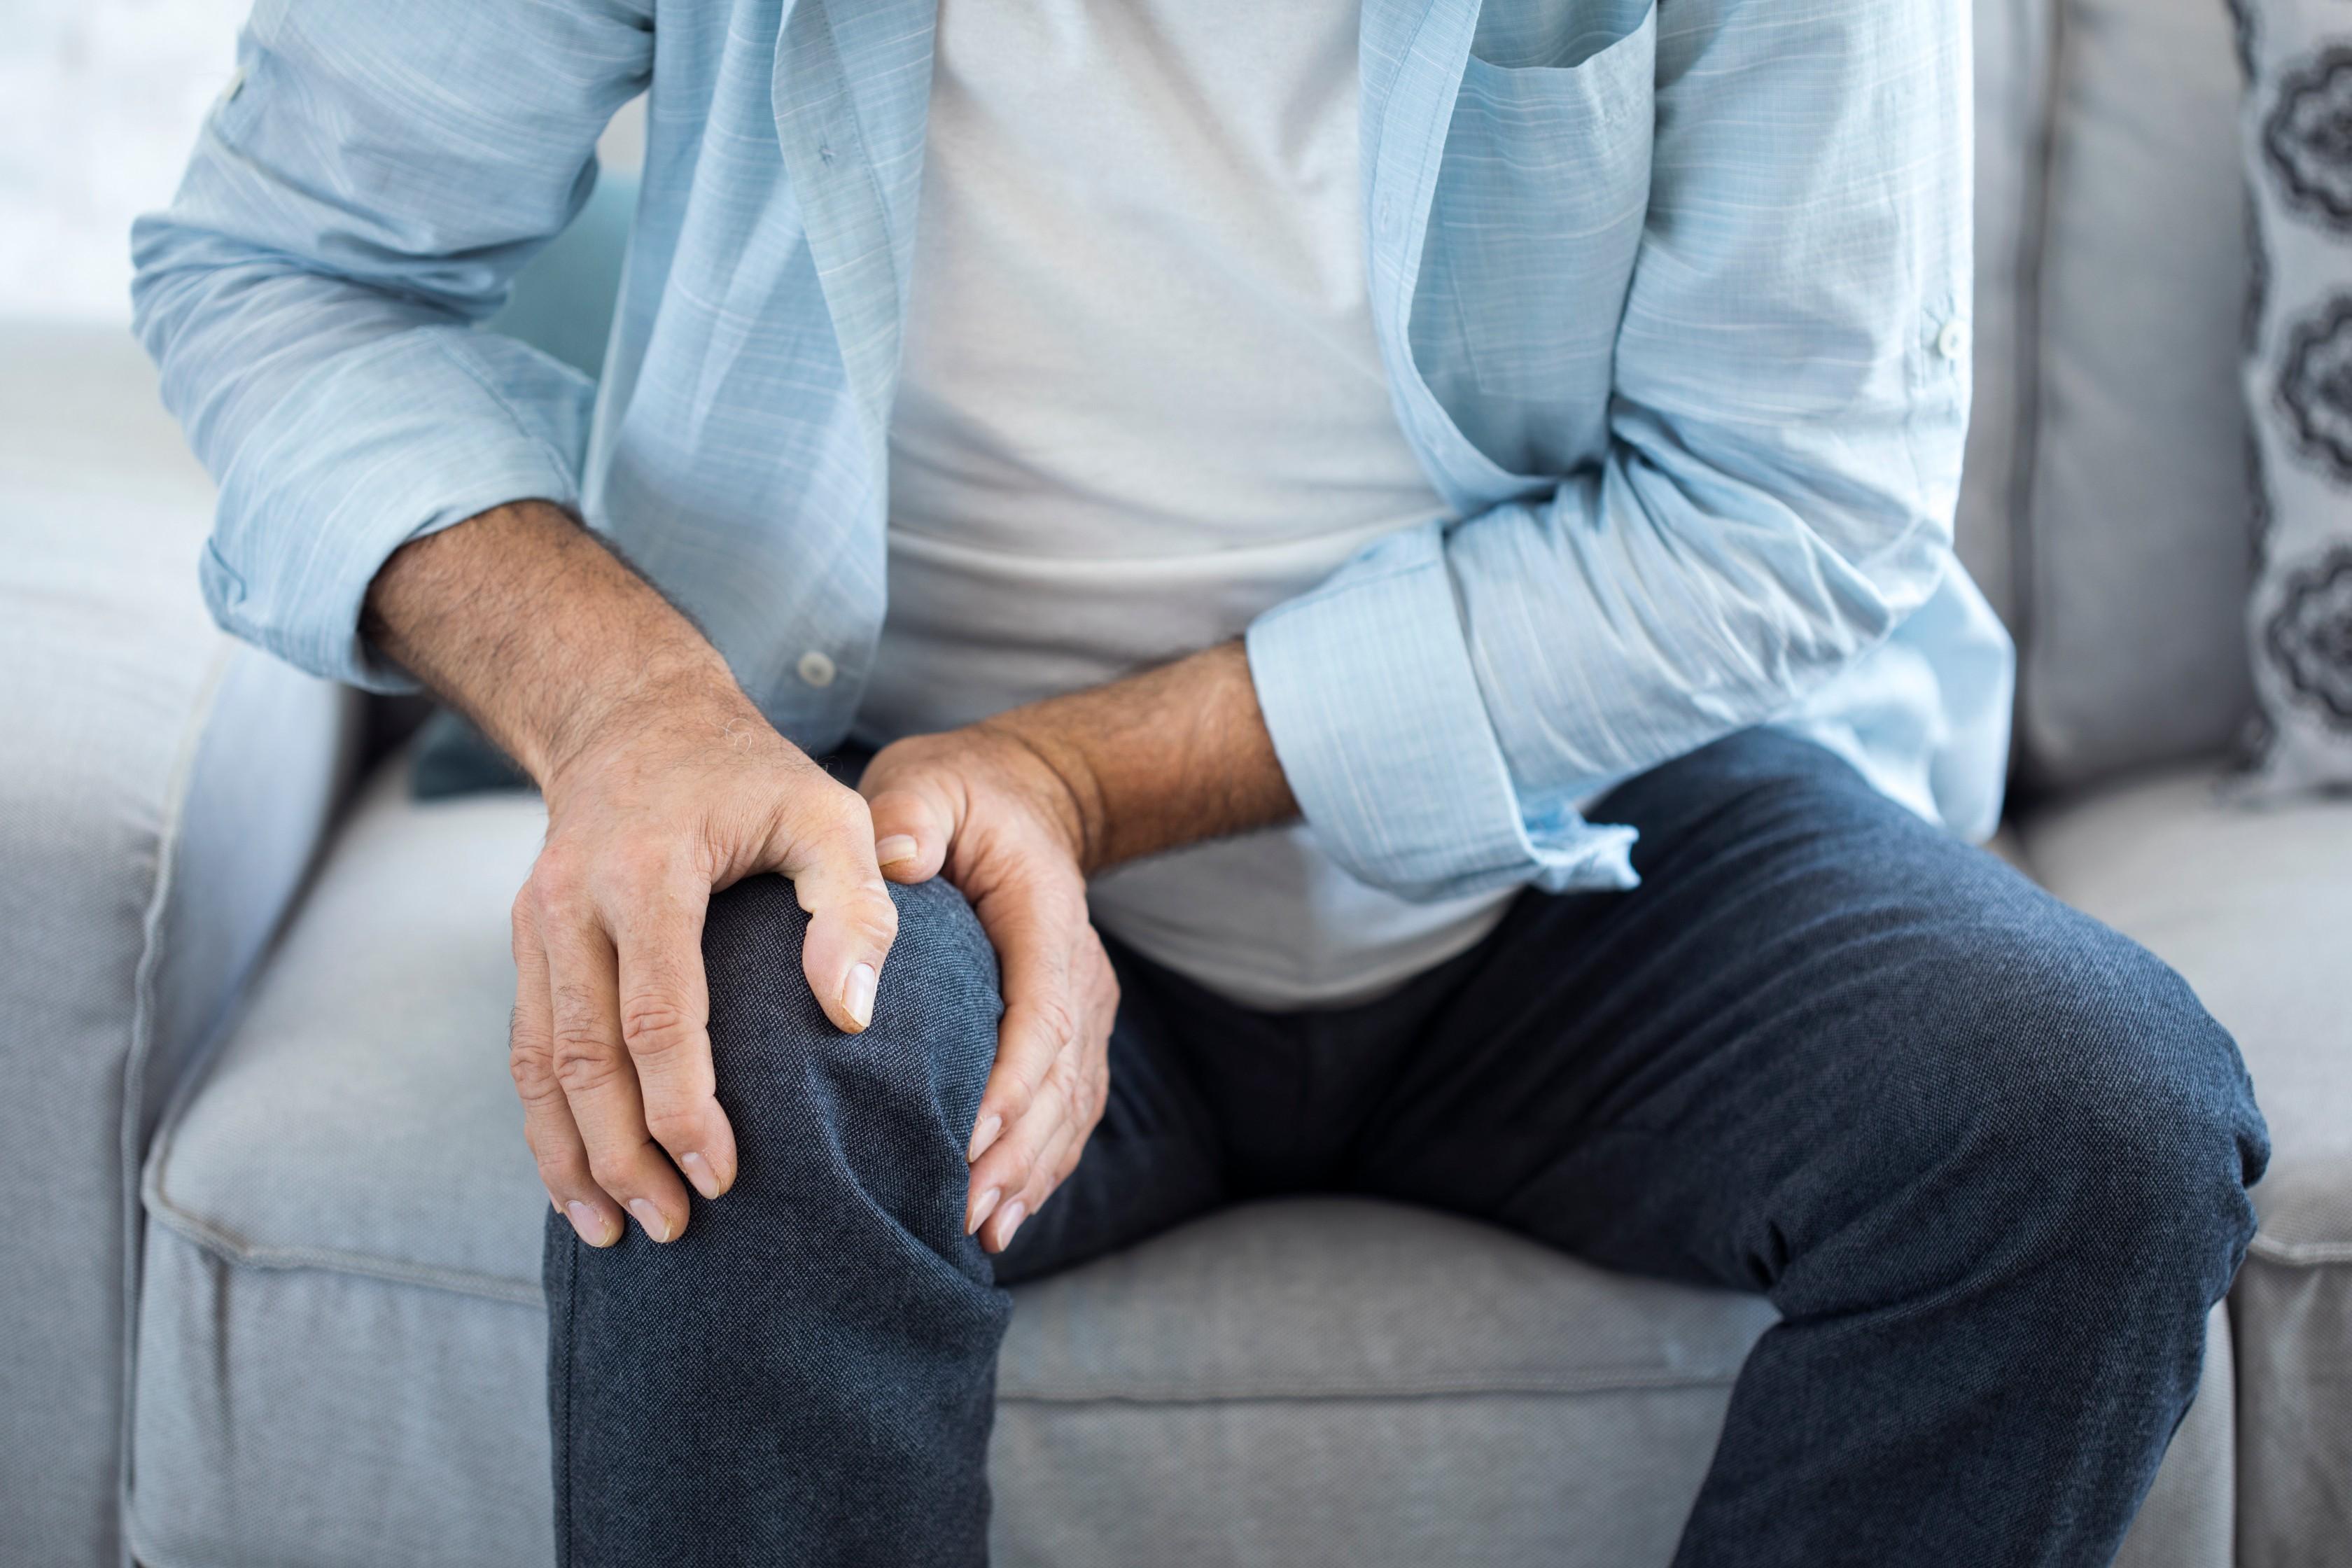 idős ember súlyos ízületi fájdalma a térd oldalsó ínszalagjának helyreállítása